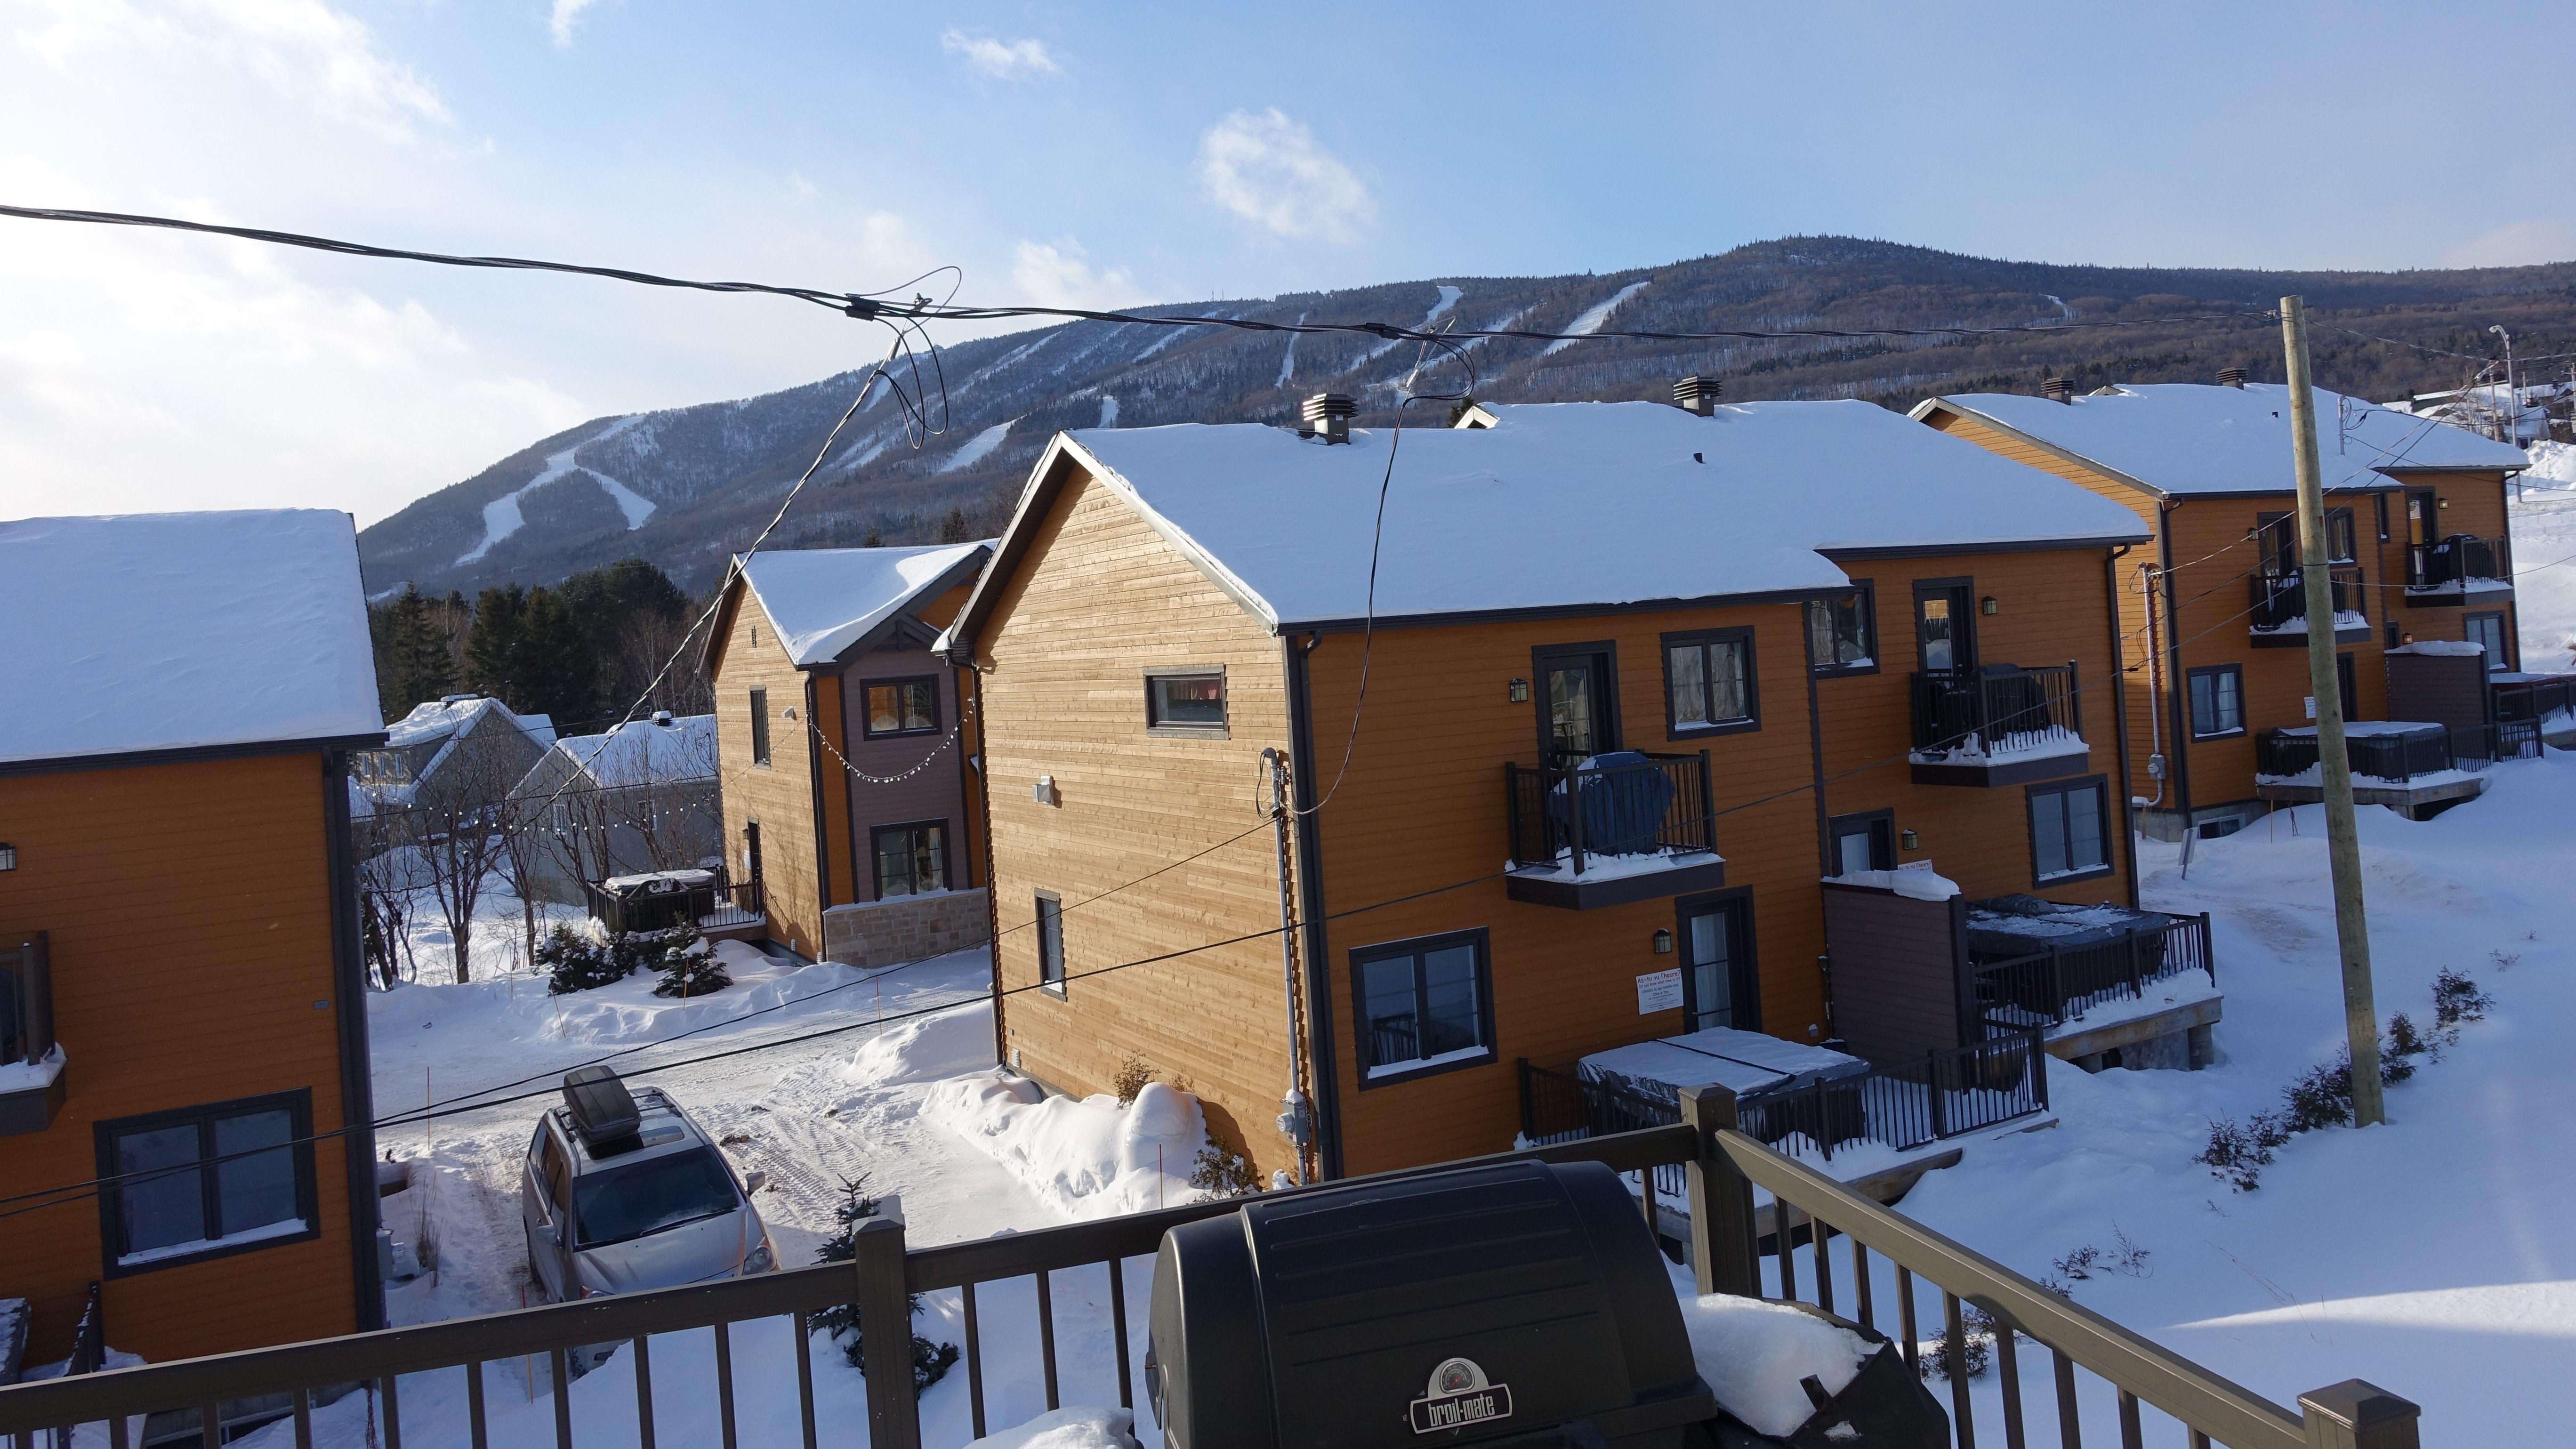 location-chalet-mont-sainte-anne-bienvenue